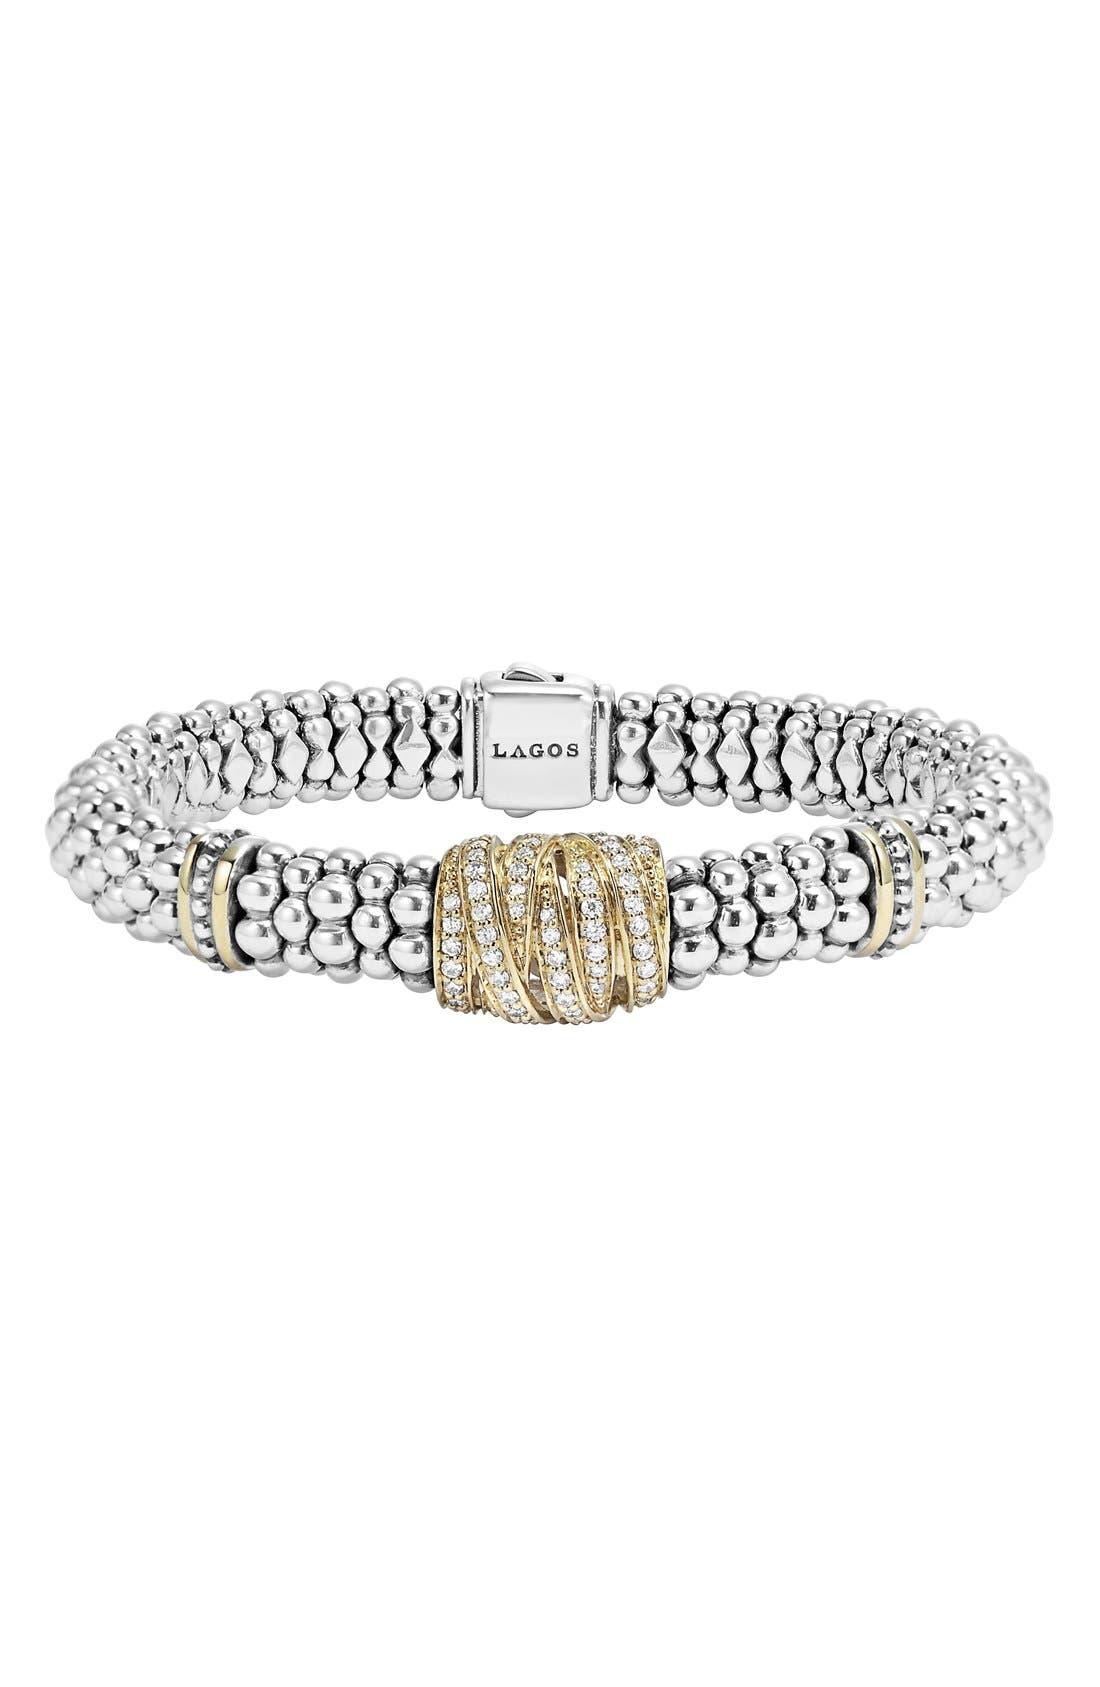 Alternate Image 1 Selected - LAGOS 'Diamonds & Caviar' Diamond Rope Bracelet